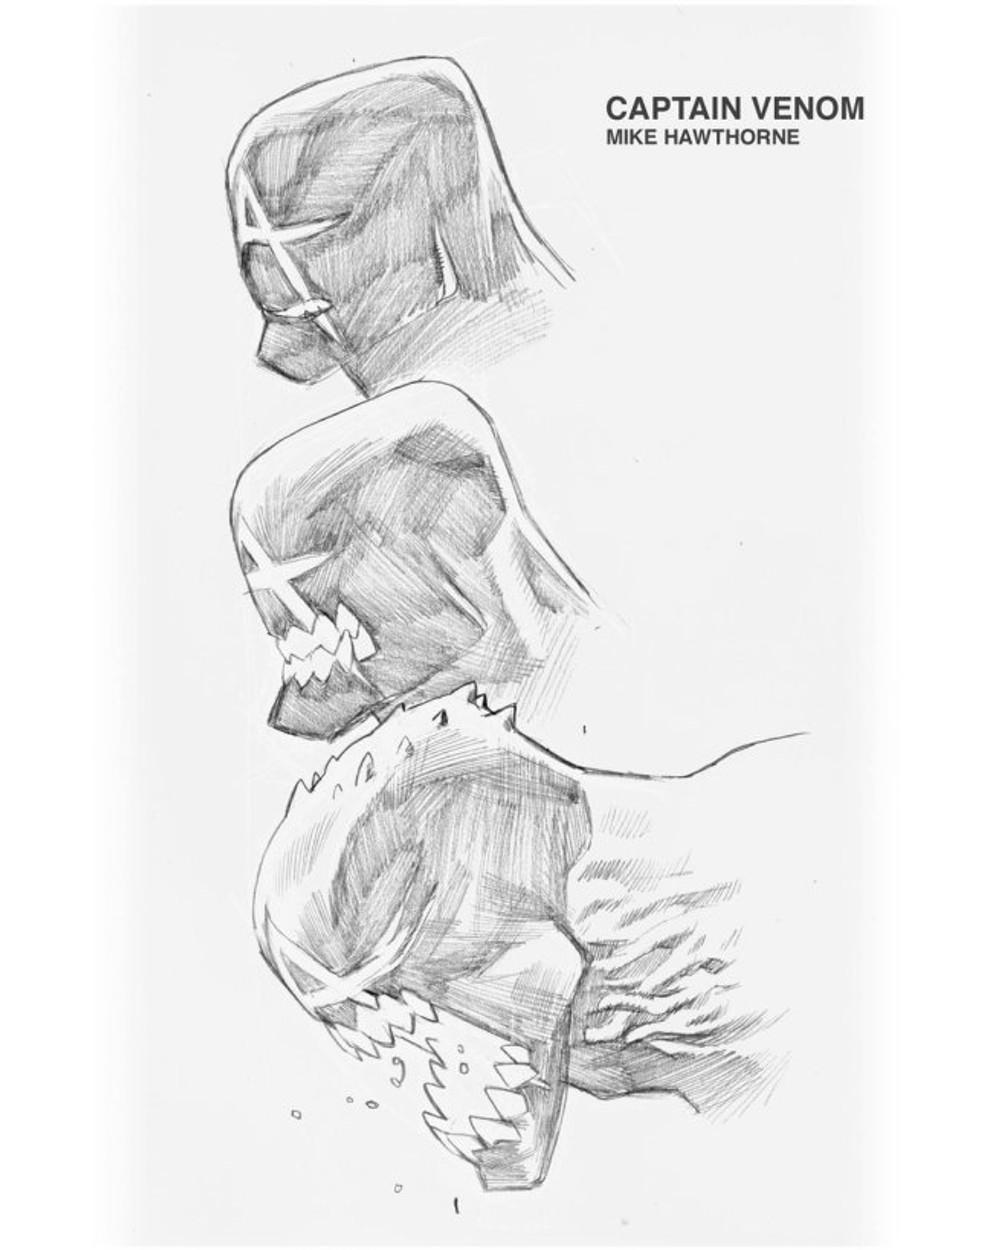 menacing-alternate-design-for-captain-americas-venomverse-costume5